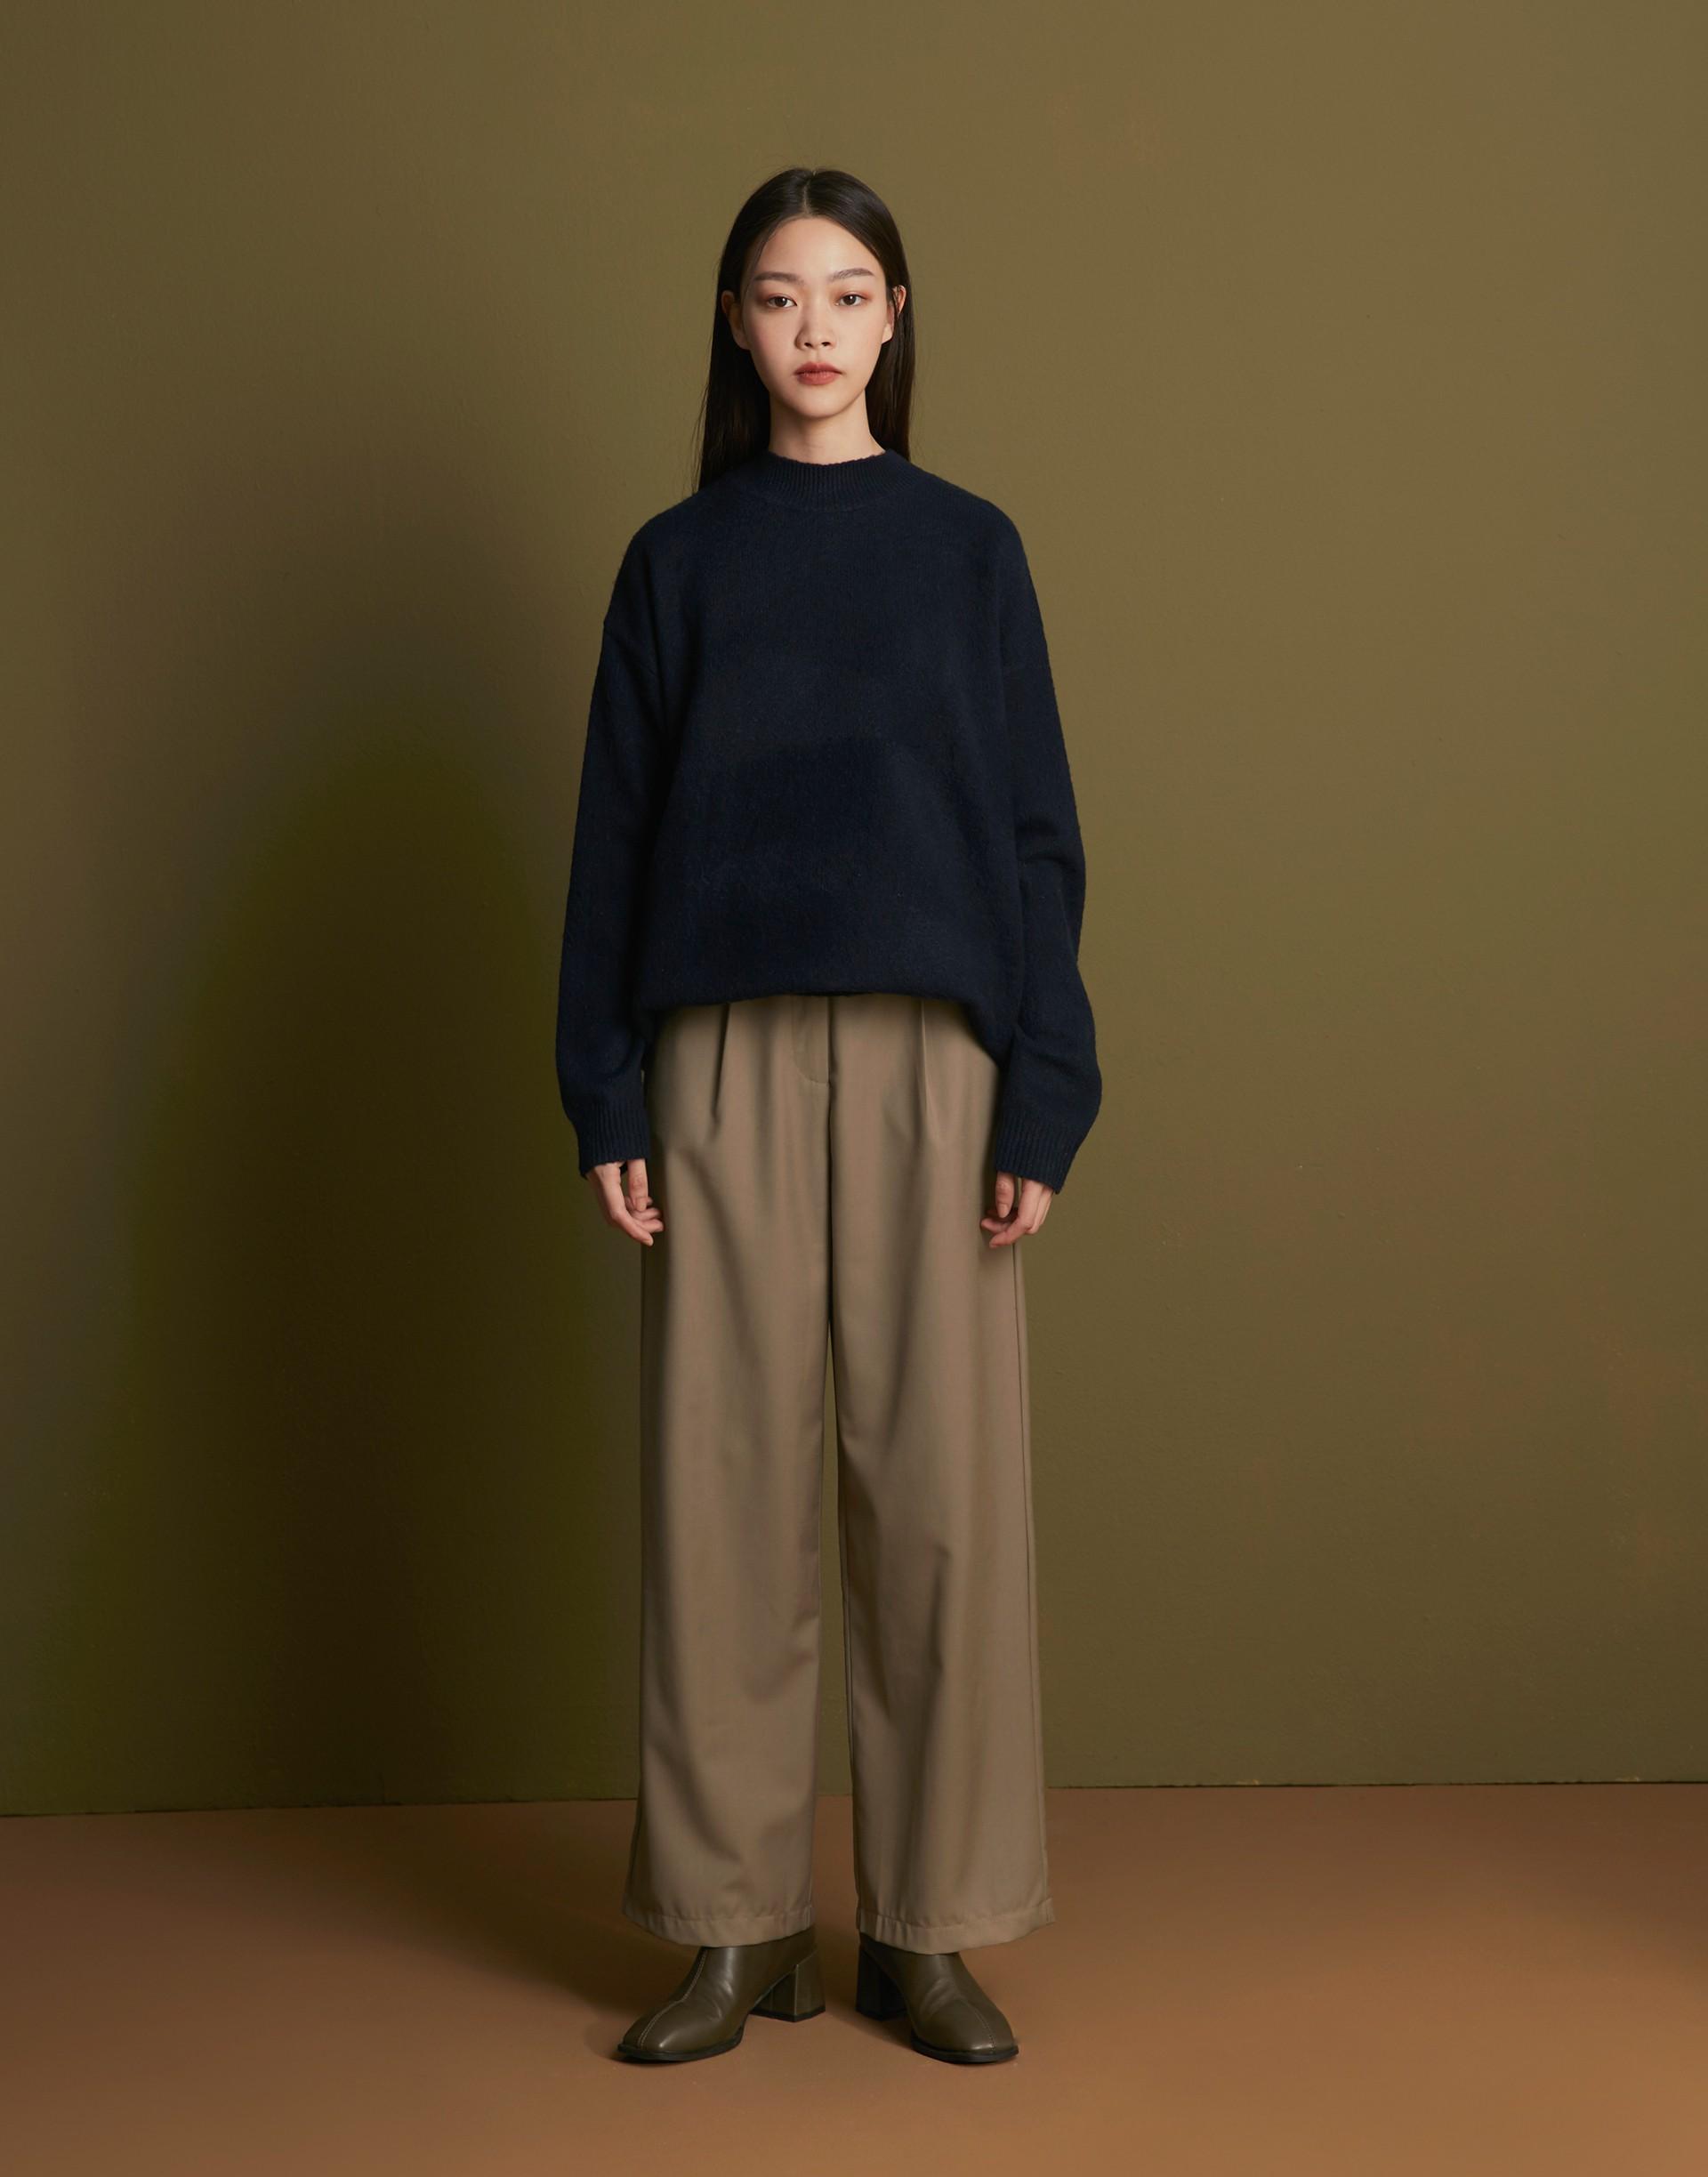 彈性:微彈 褲管微寬、上壓摺設計、復古感版型、後裝飾袋蓋設計